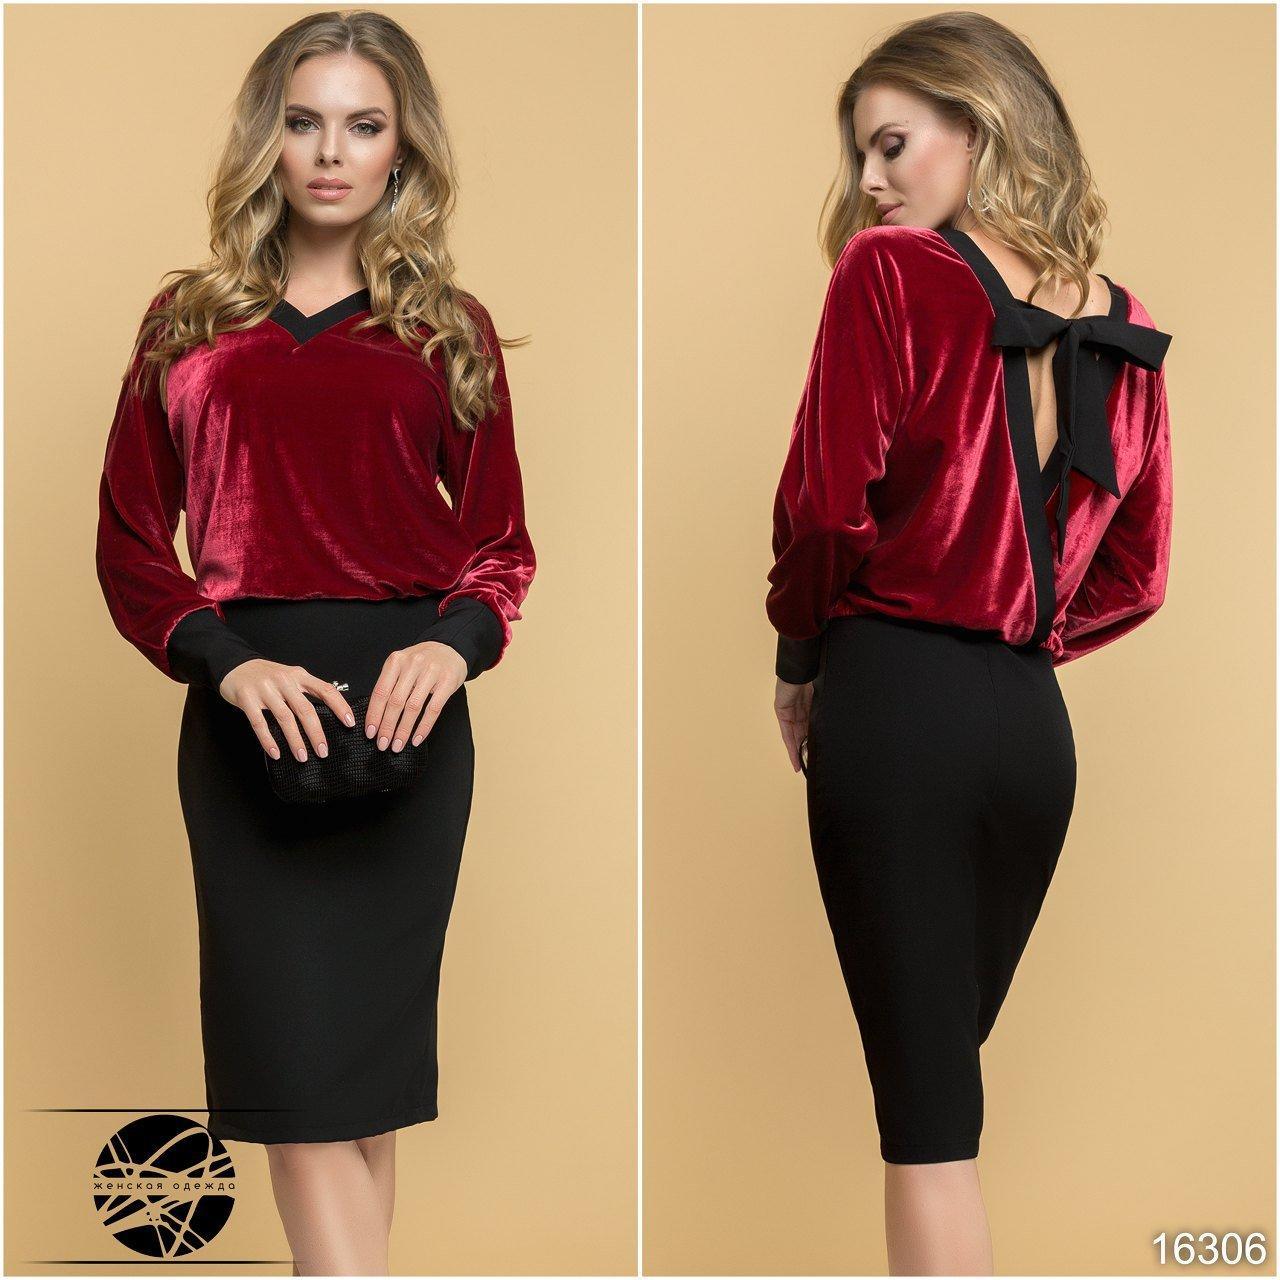 06efc4ad307 Вечернее платье с вырезом на спине бордового цвета. Размеры 42-46. Модель  16306